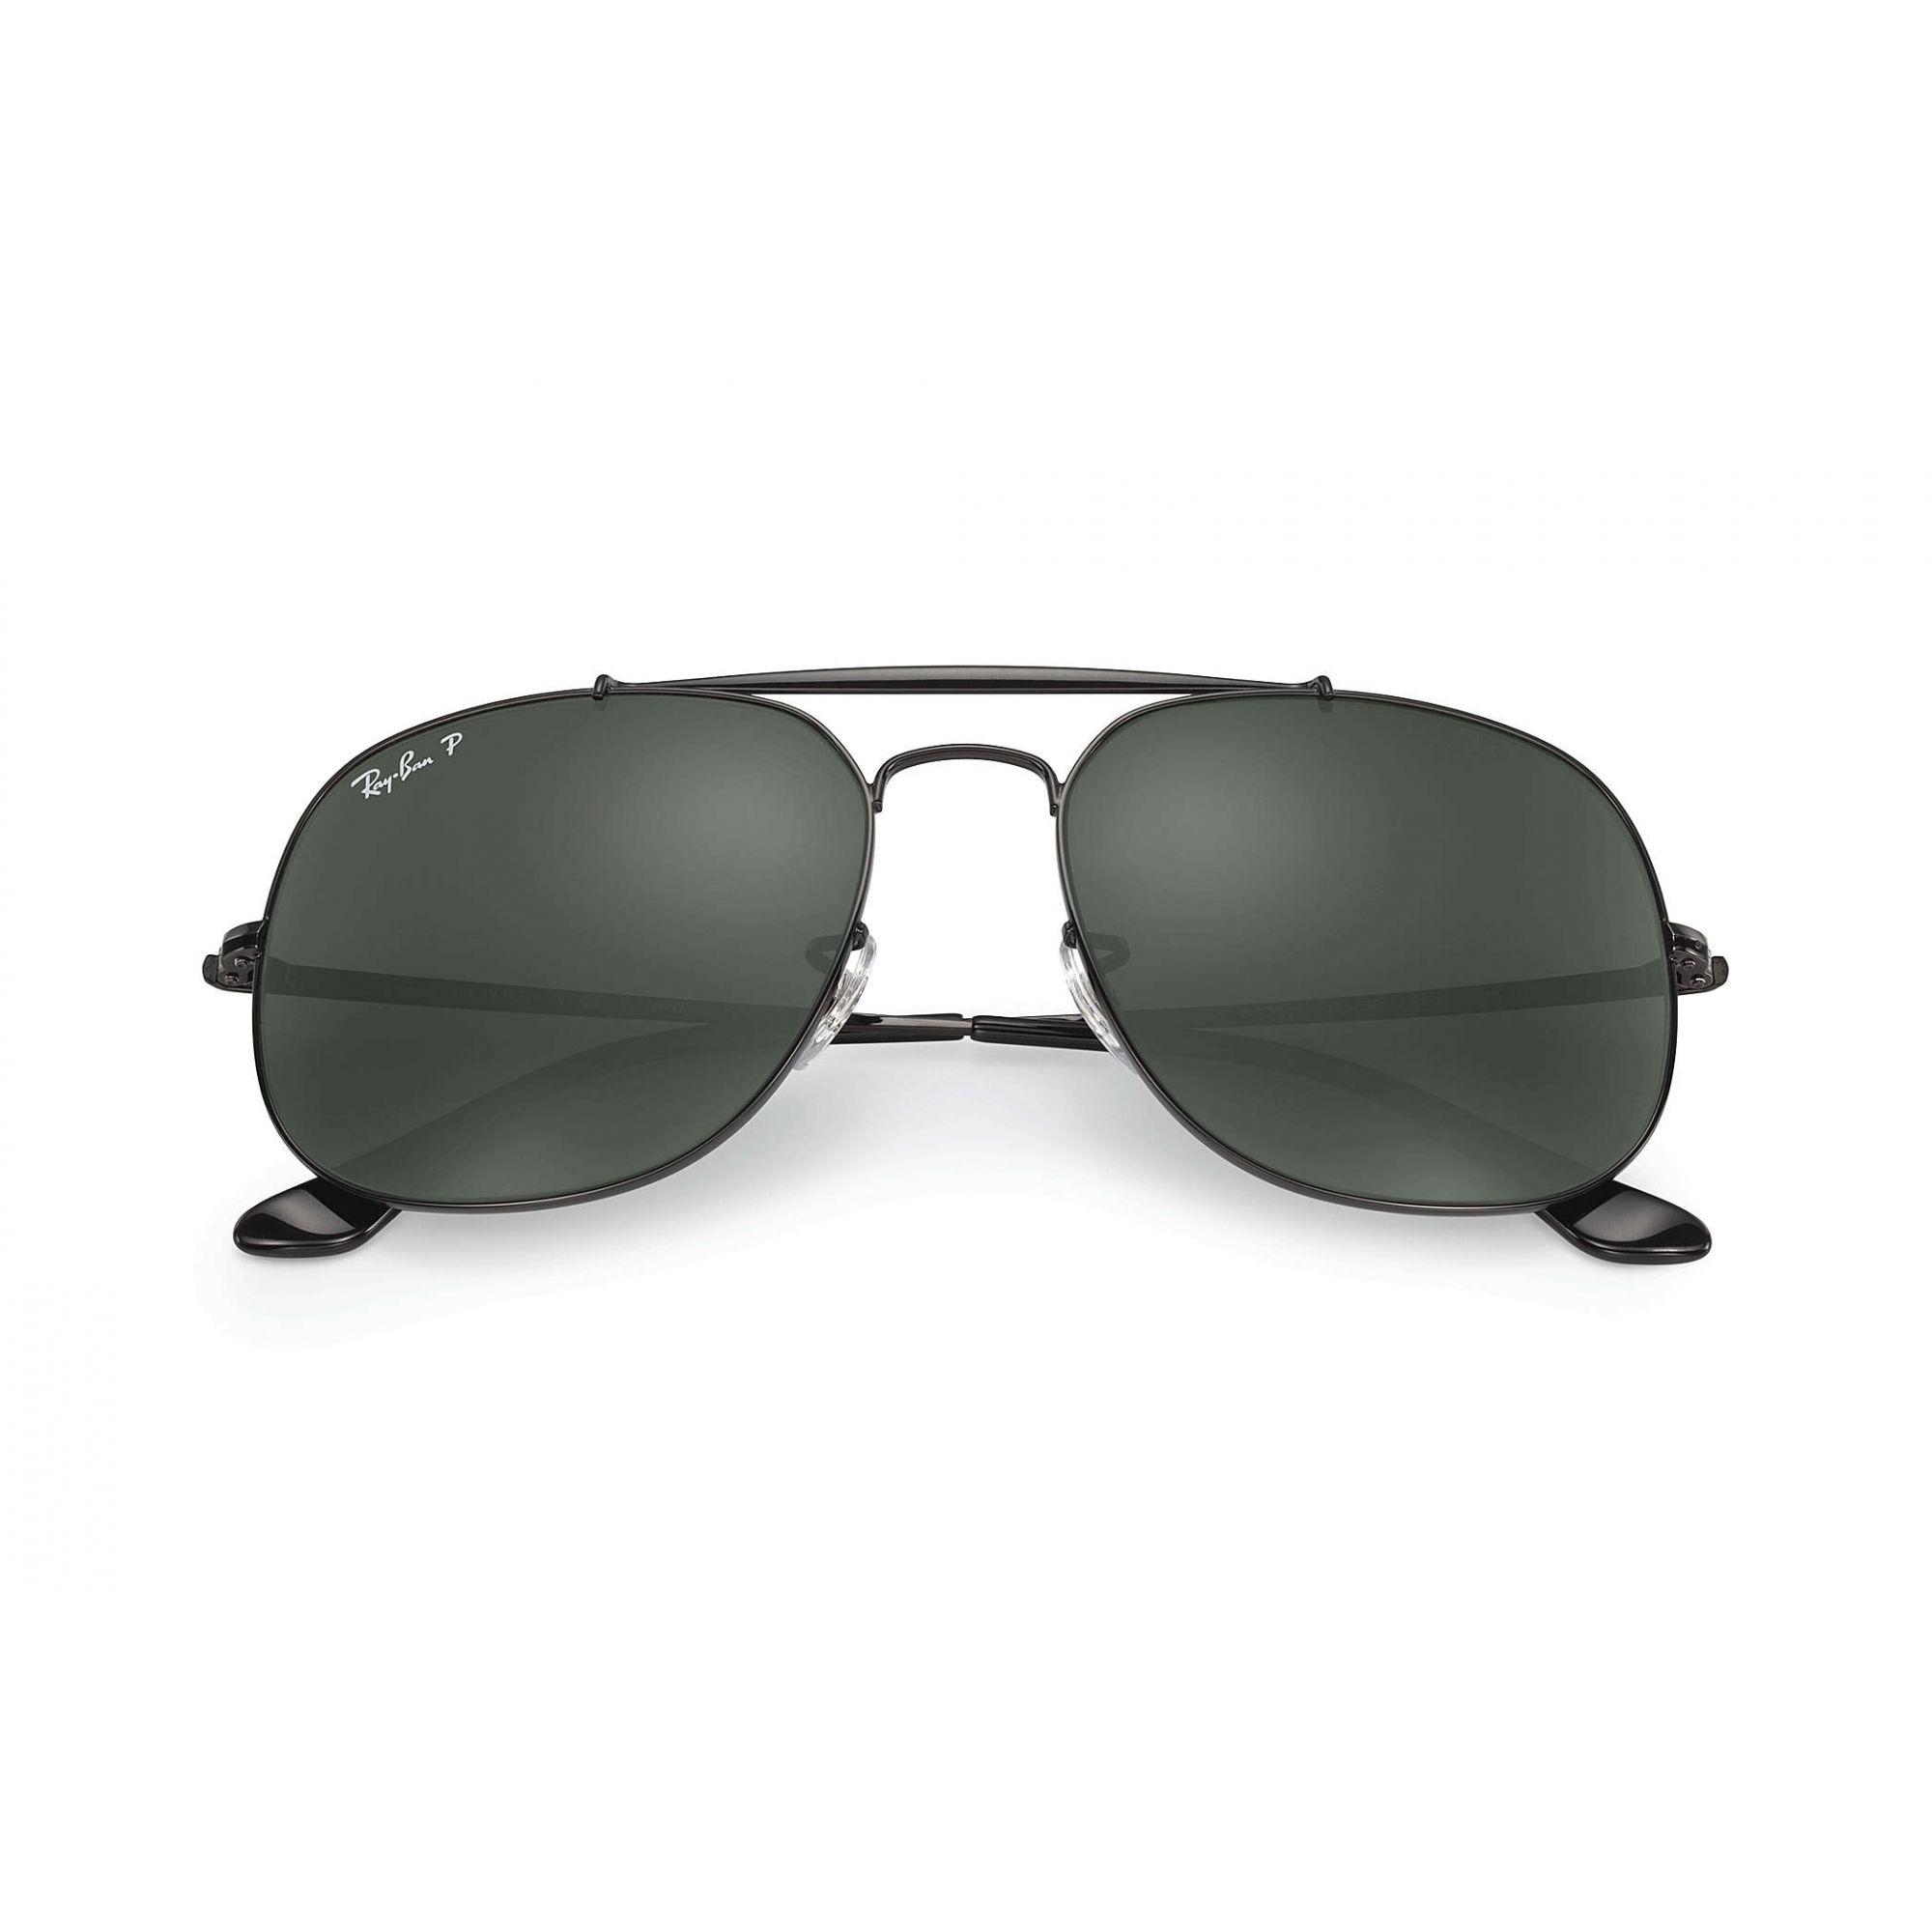 Ray Ban - RB3561 00258 - Óculos de sol